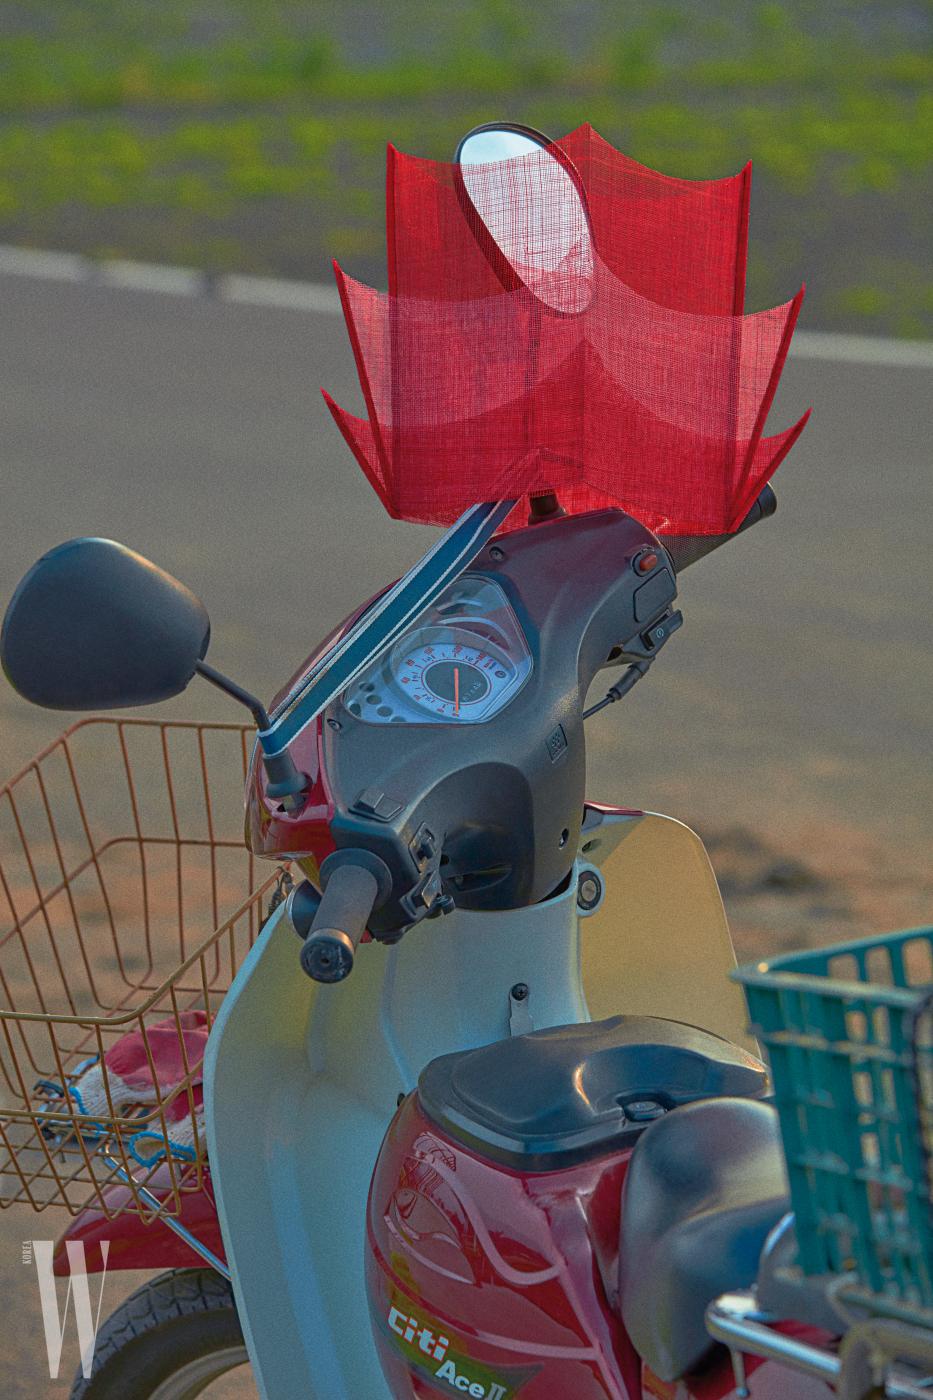 대감 모자는 큐 밀리너리 제품. 가격 미정.